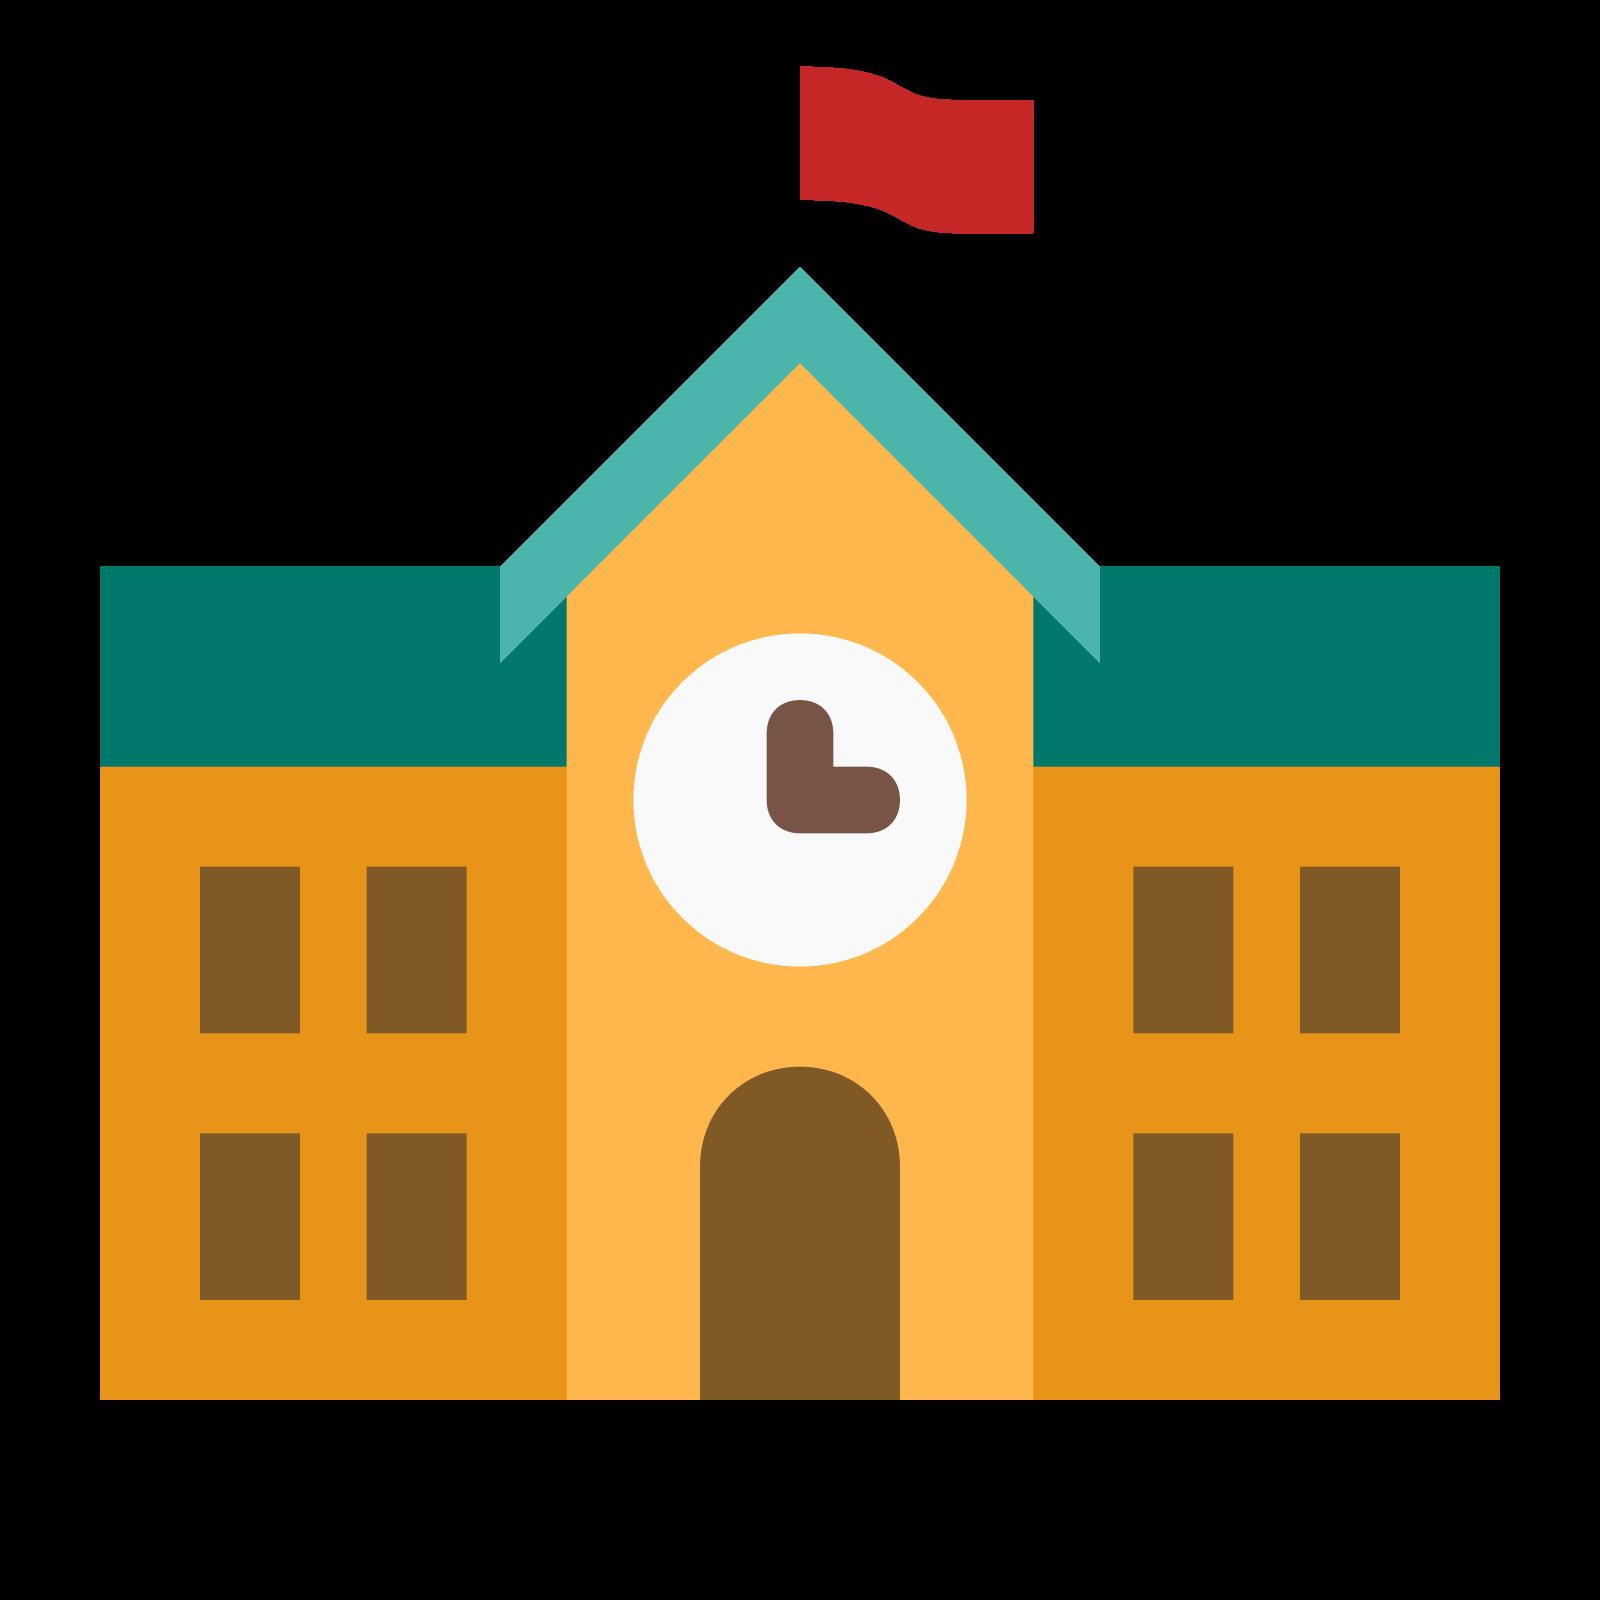 picture library library Building icono descarga gratuita. Vector color school